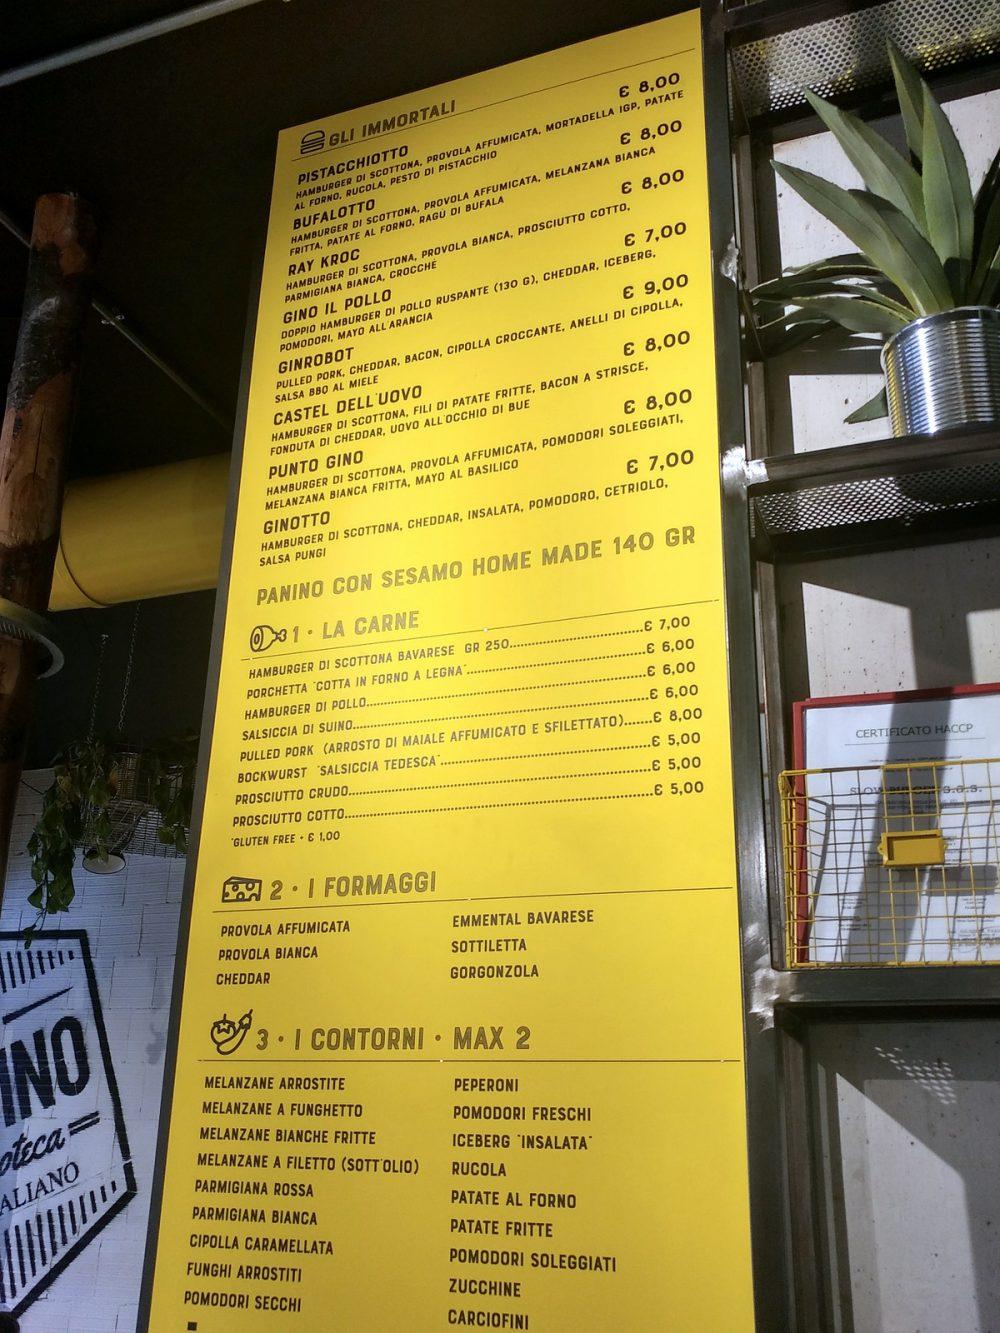 Paninoteca Da Gino a San Vitaliano. La parte superiore del menu alla parete